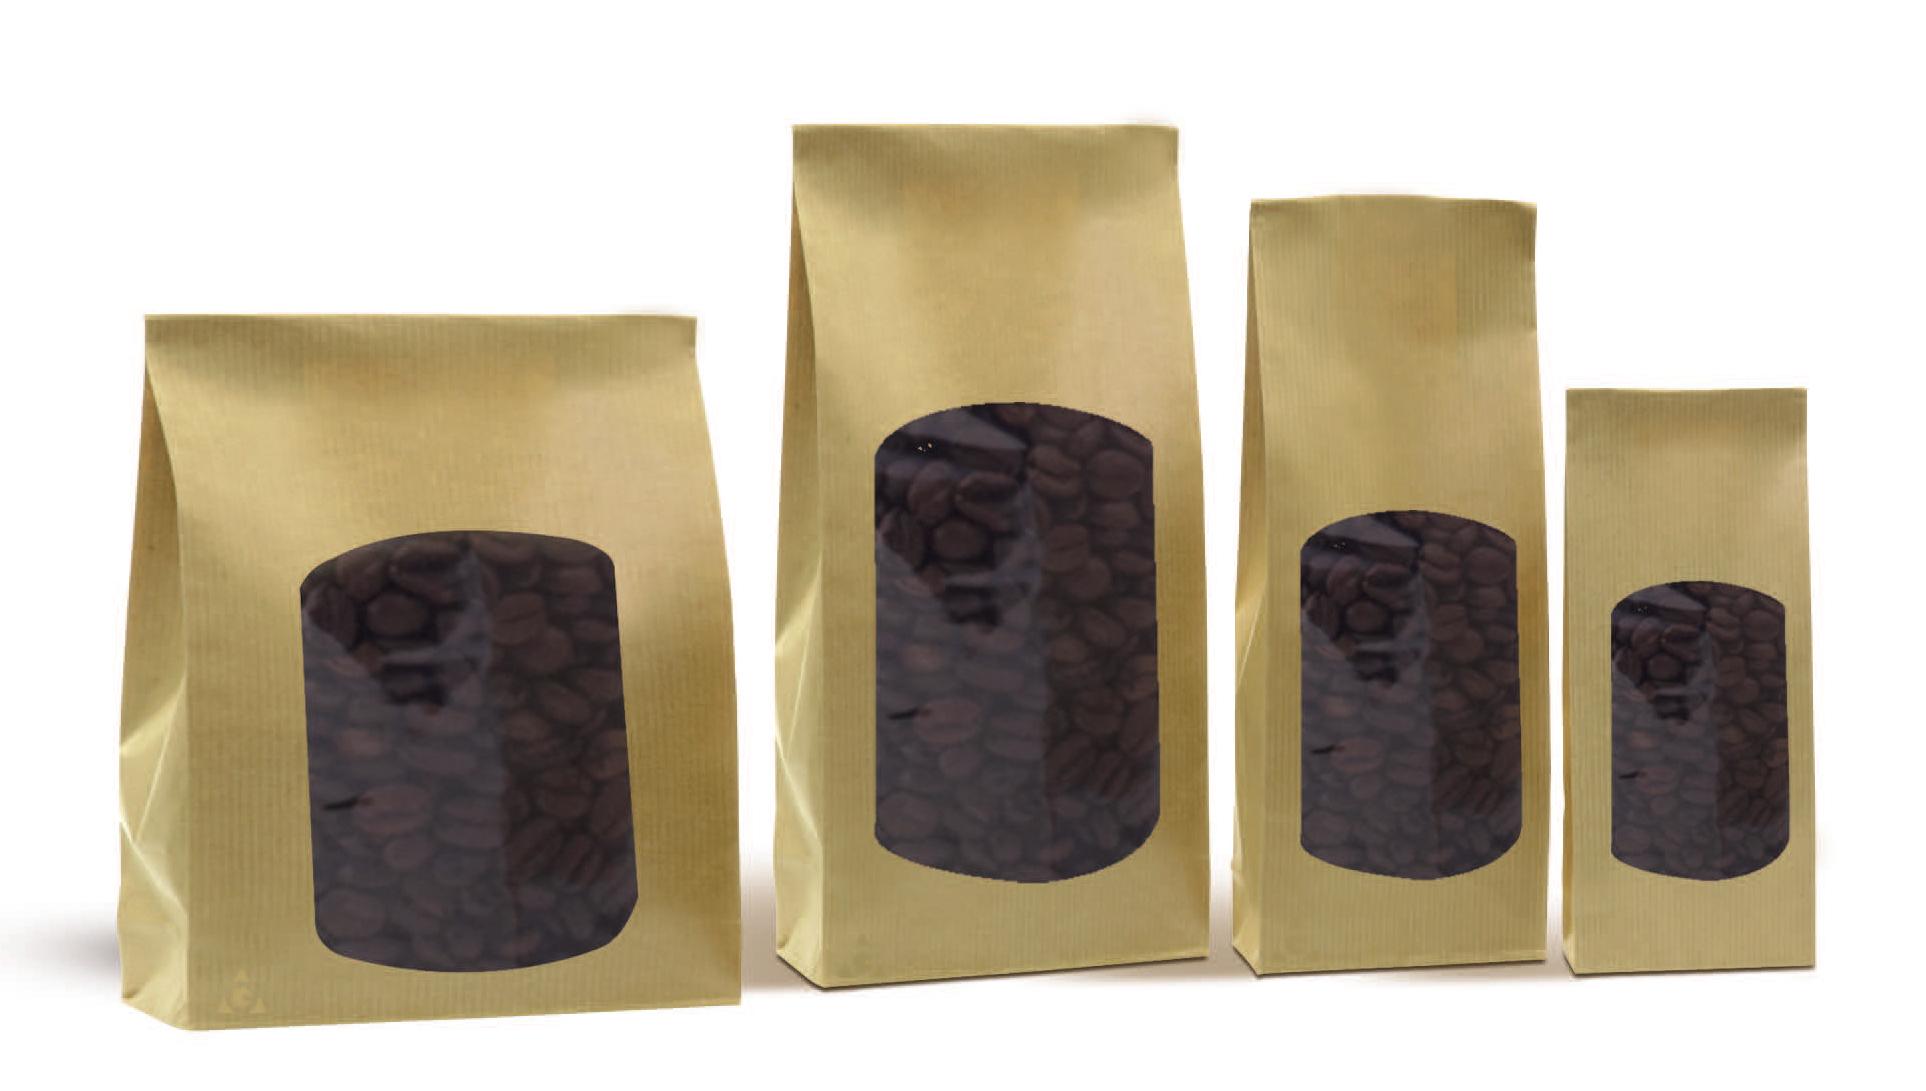 bolsas de papel kraft a base de hierbas